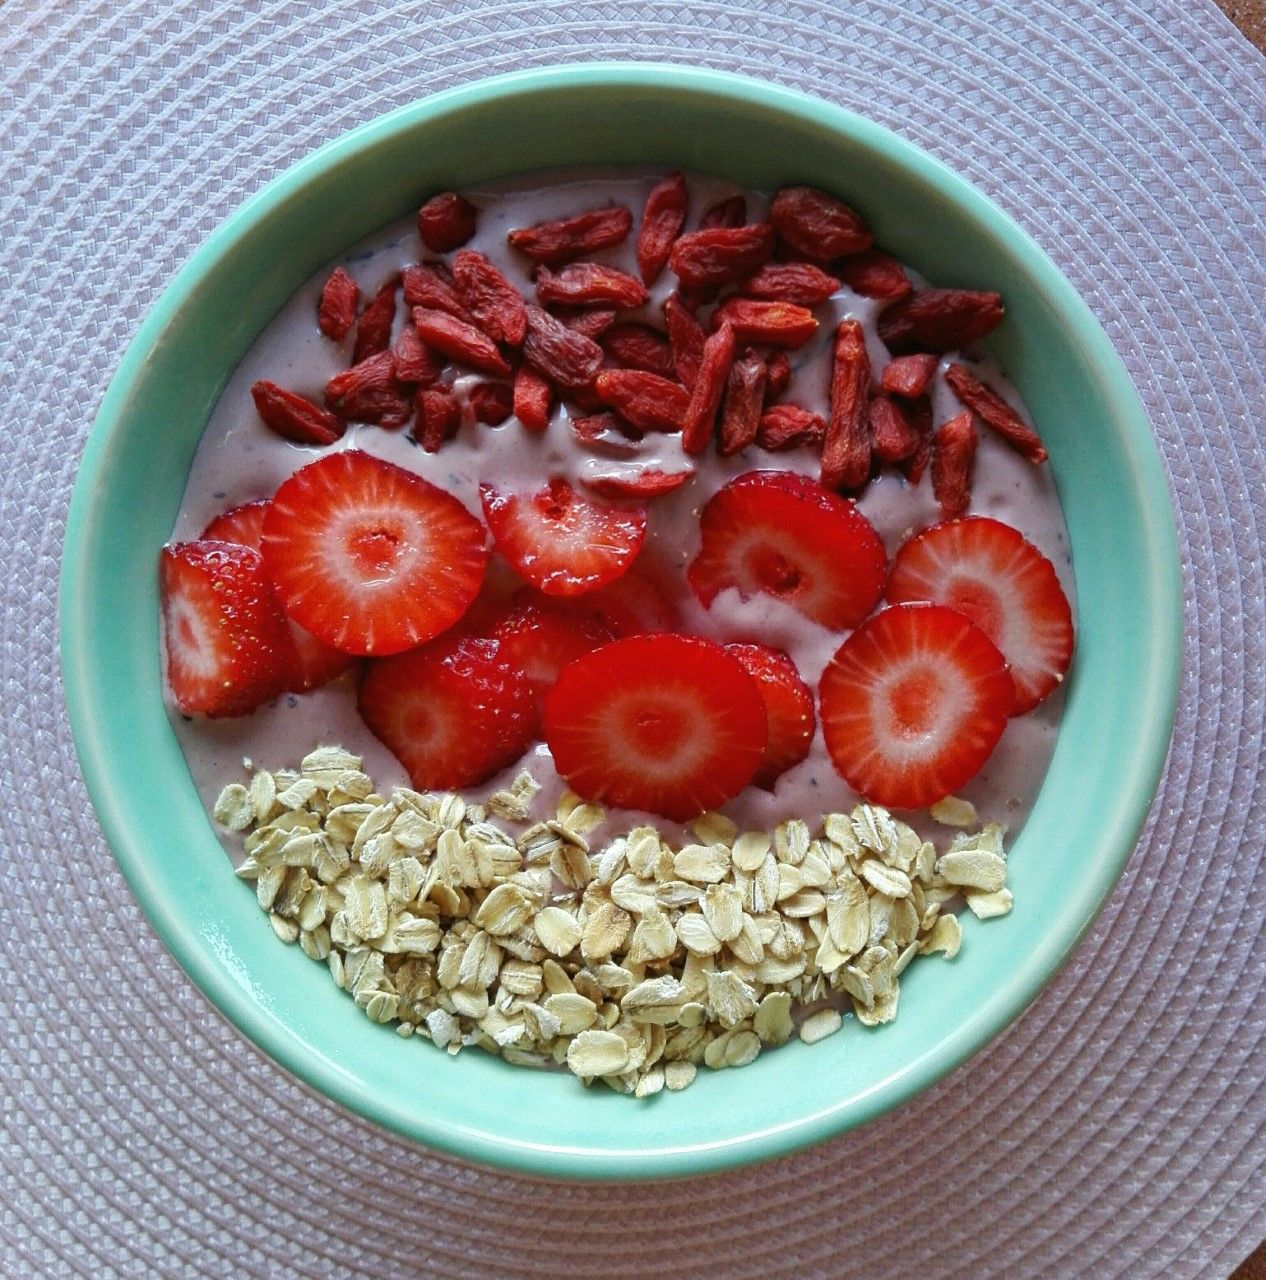 Smoothie bowl con cacao, copos de avena y fresas